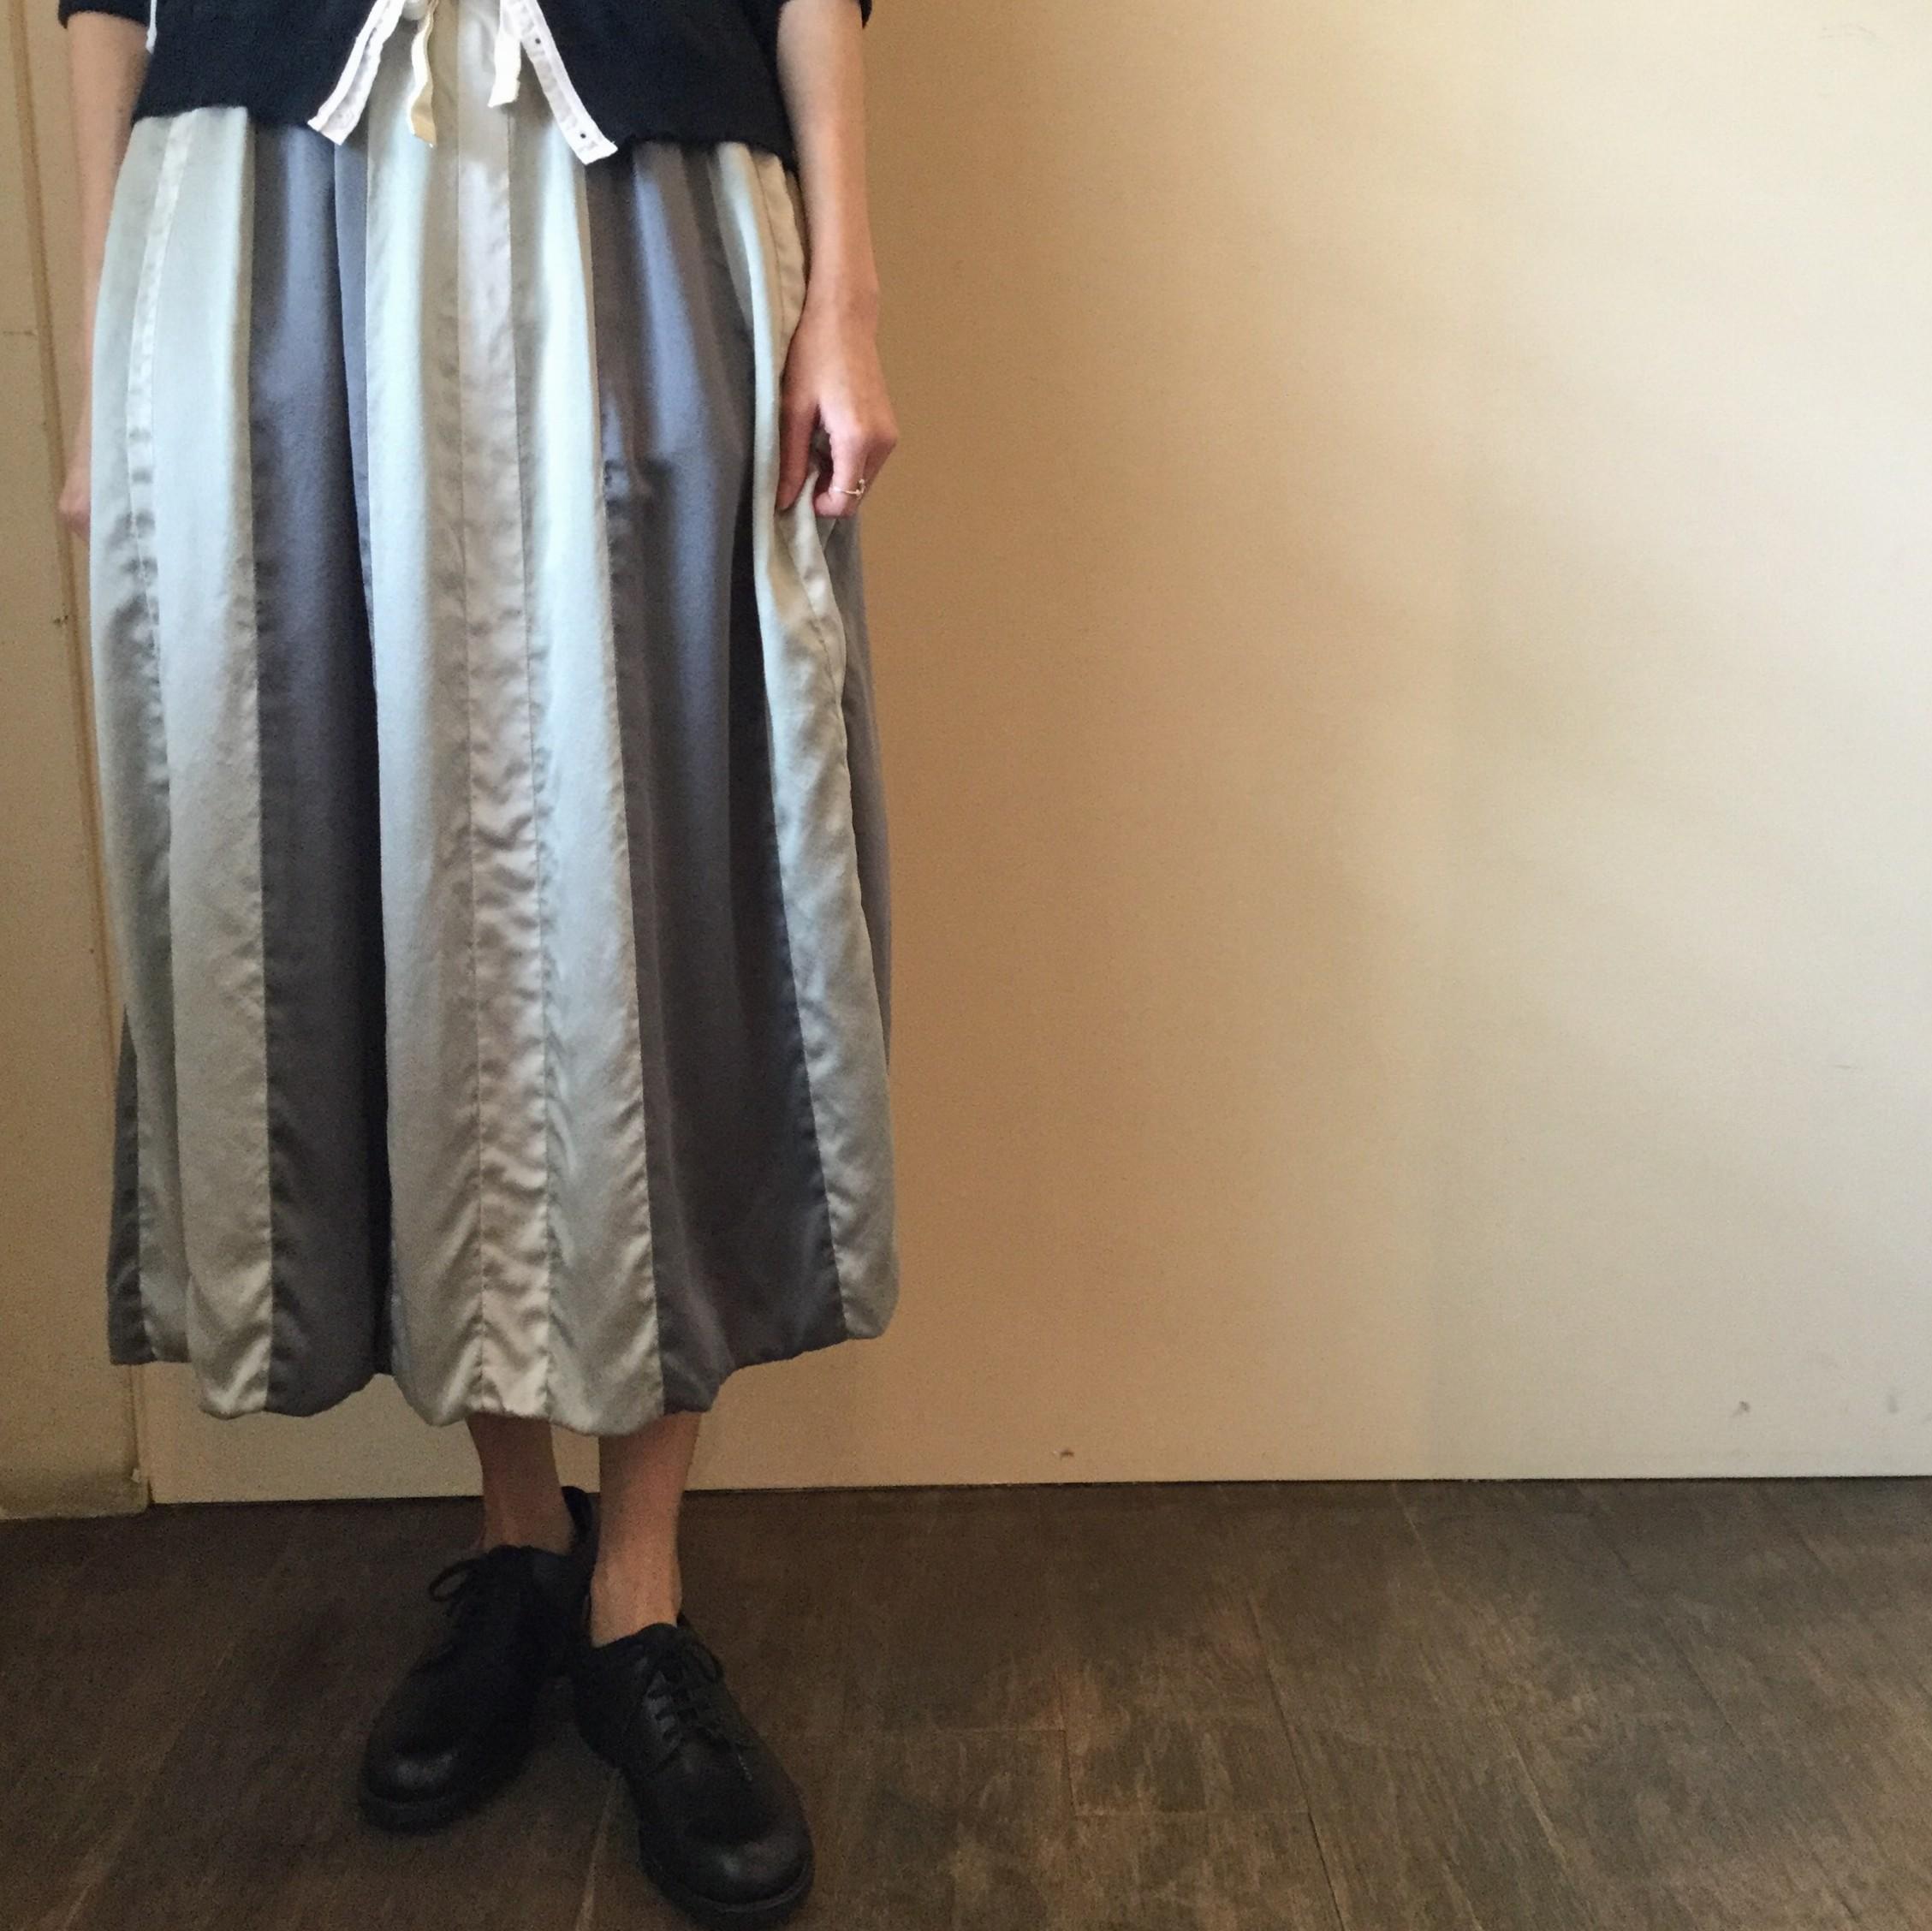 春夏caseycasey(ケーシーケーシー)のエアエイジおすすめのシルクのクレープサテンスカートです<br />